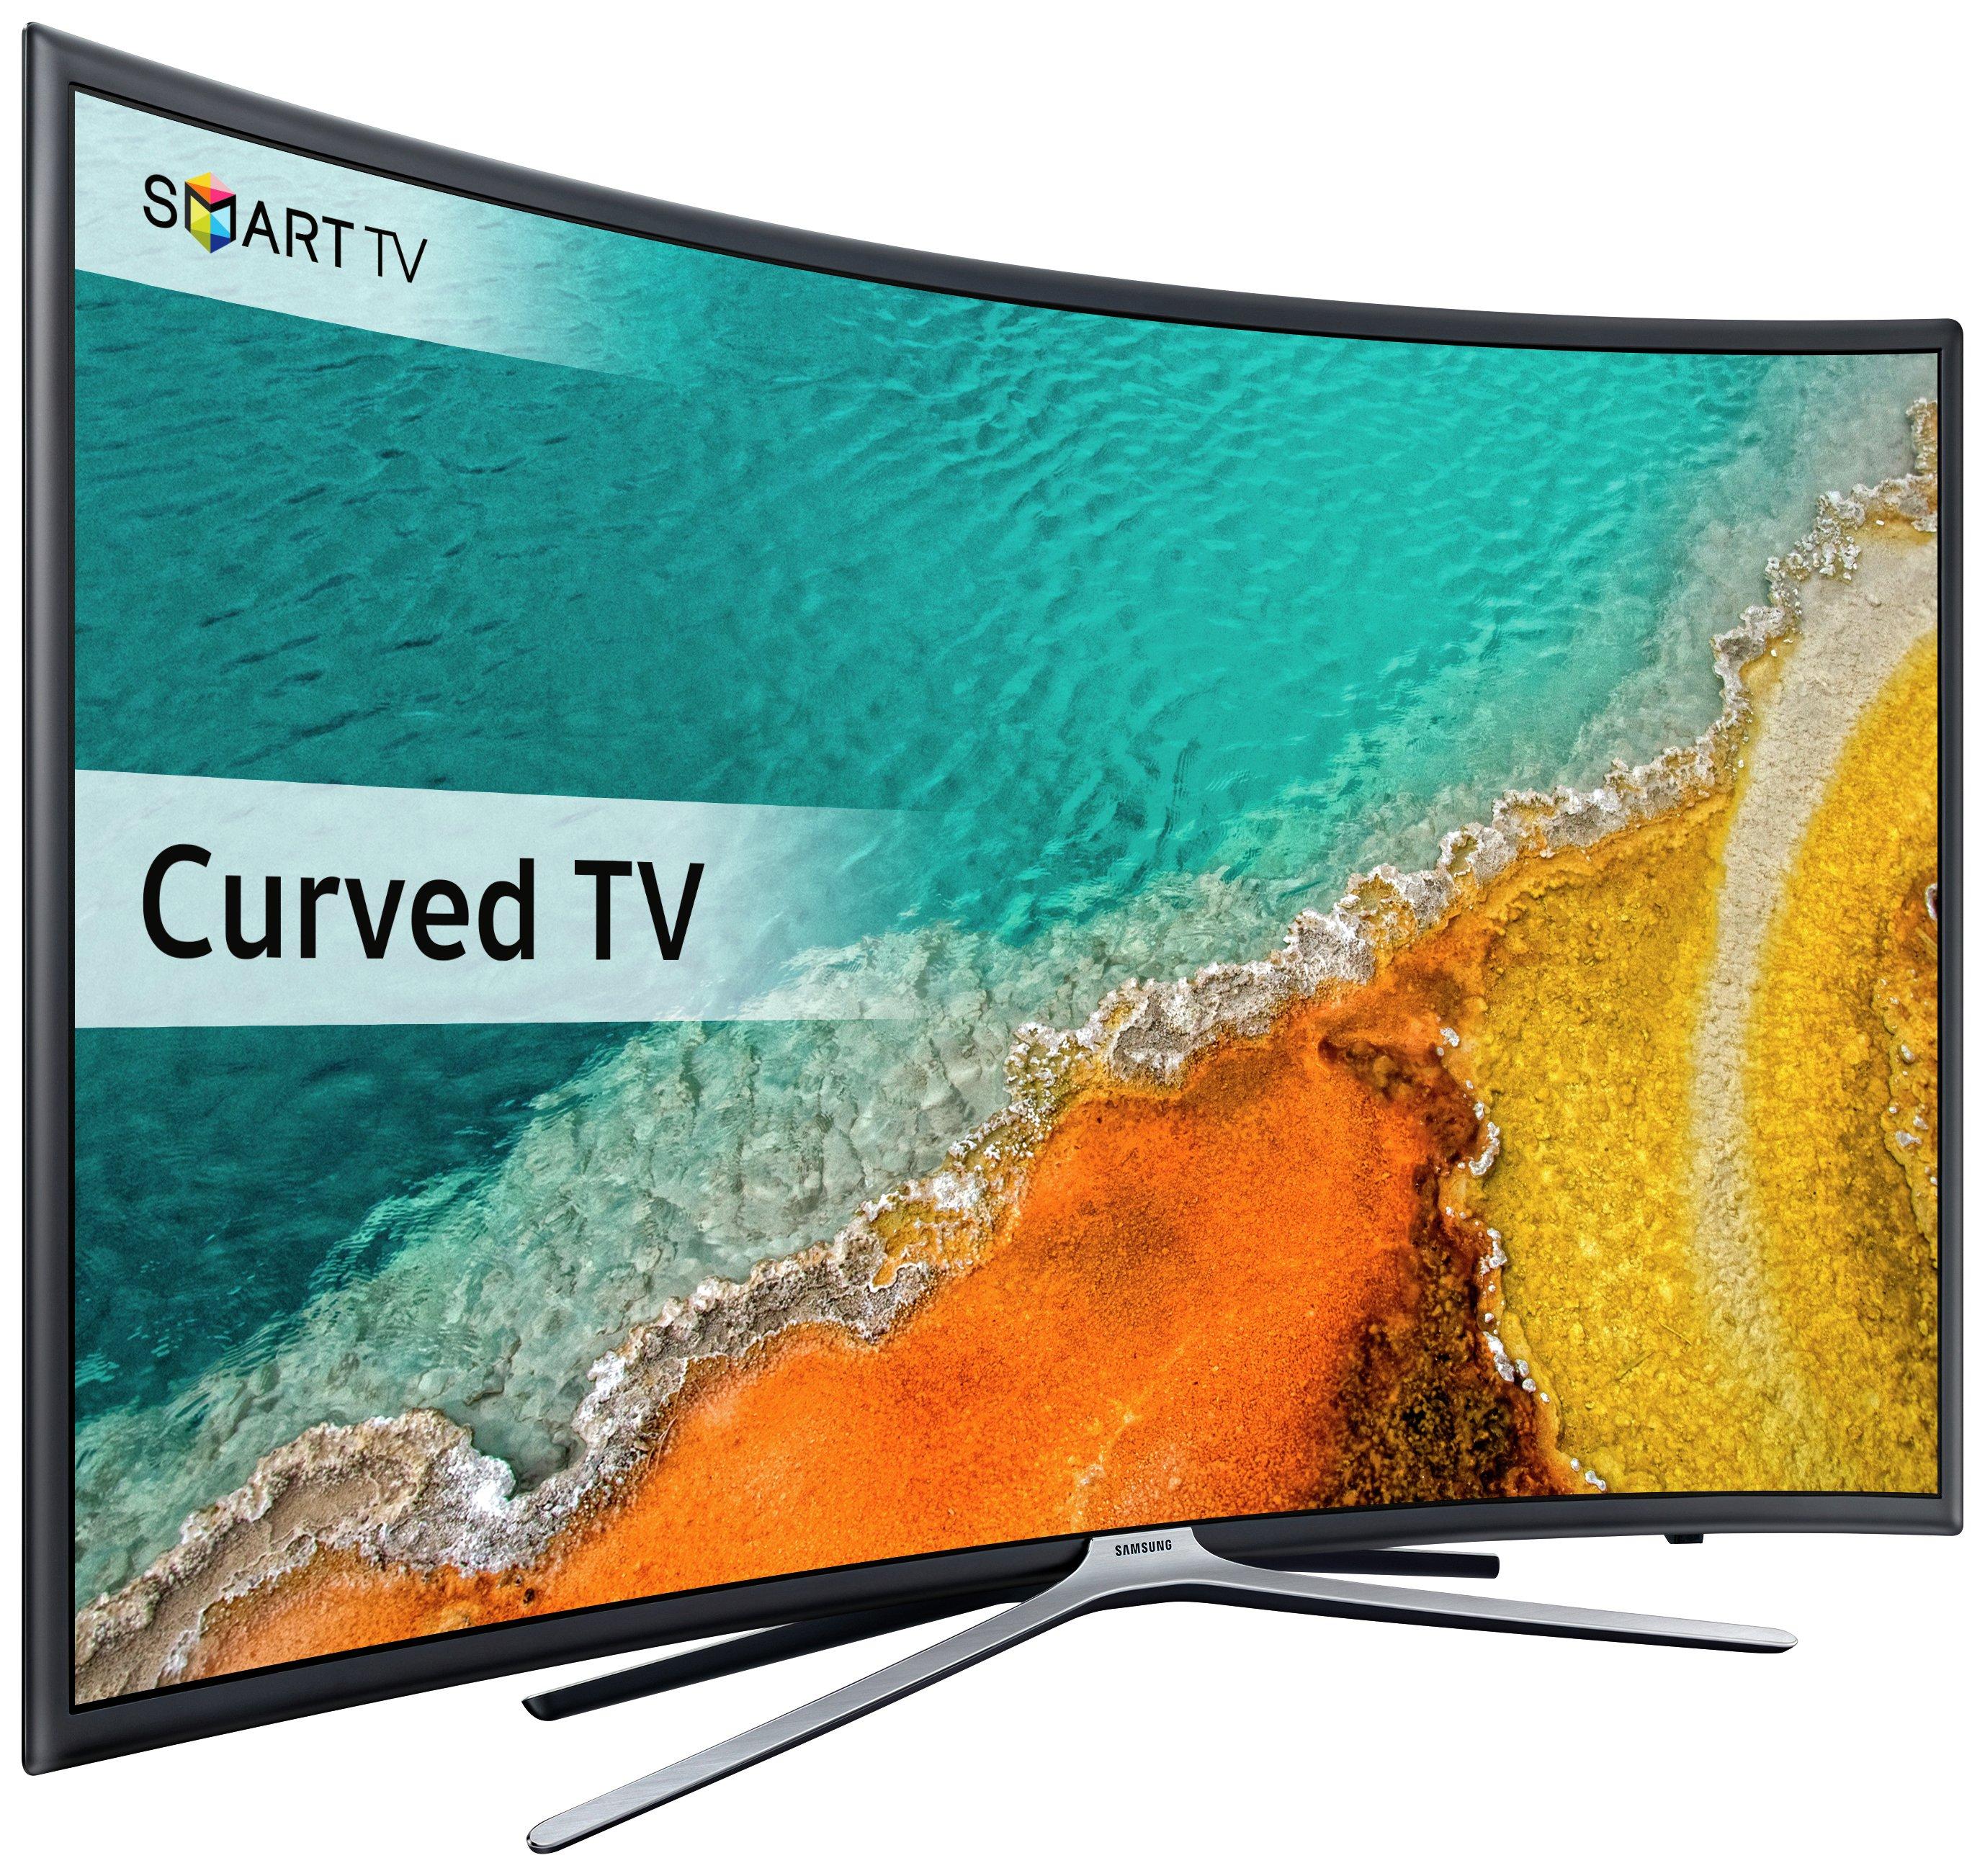 Image of Samsung - 49 Inch - UE49K6300 - Curved - Full HD Super - Smart LED TV.